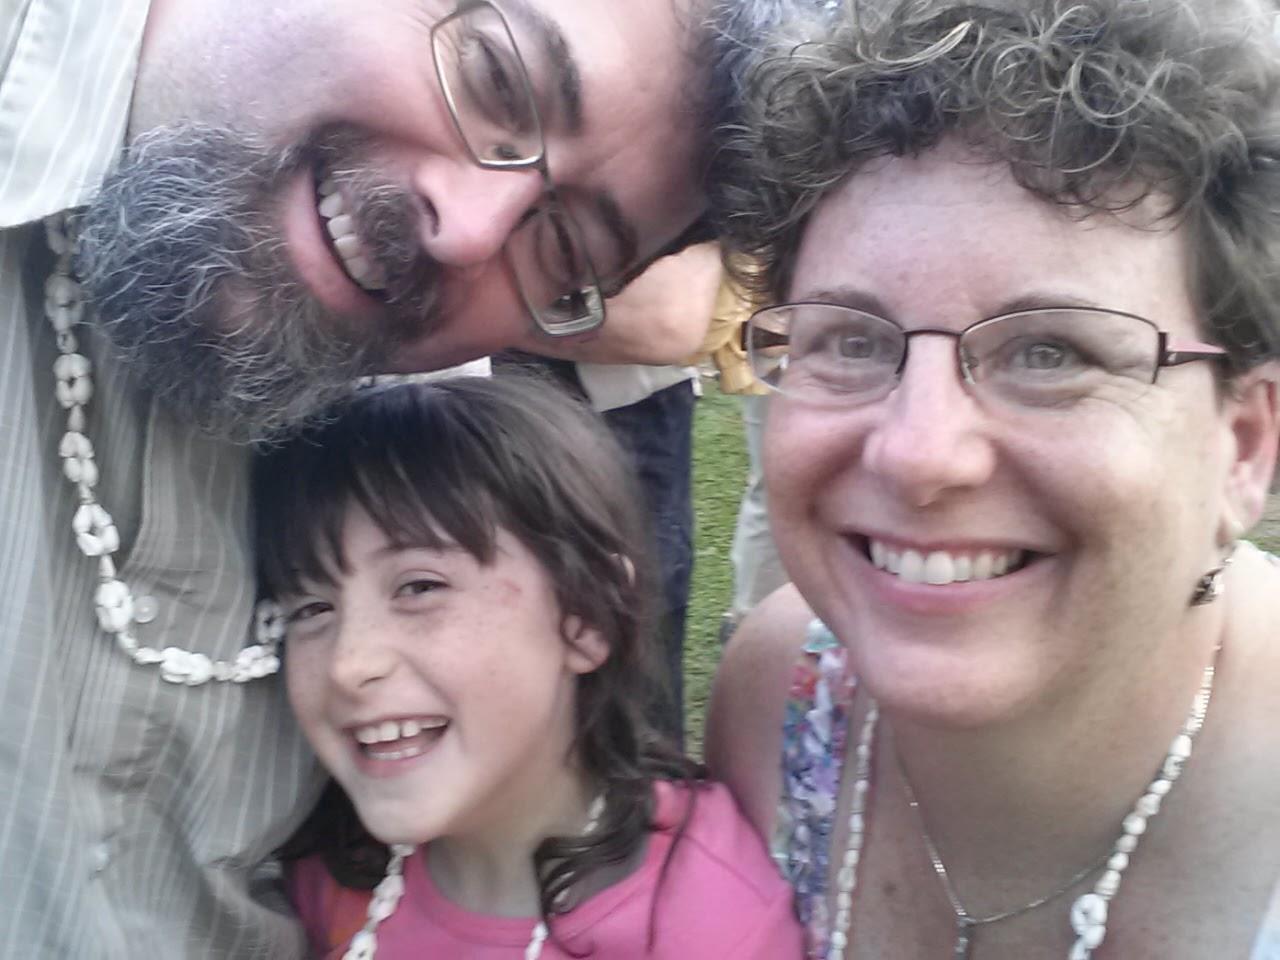 Family Vacation Photo (2013)